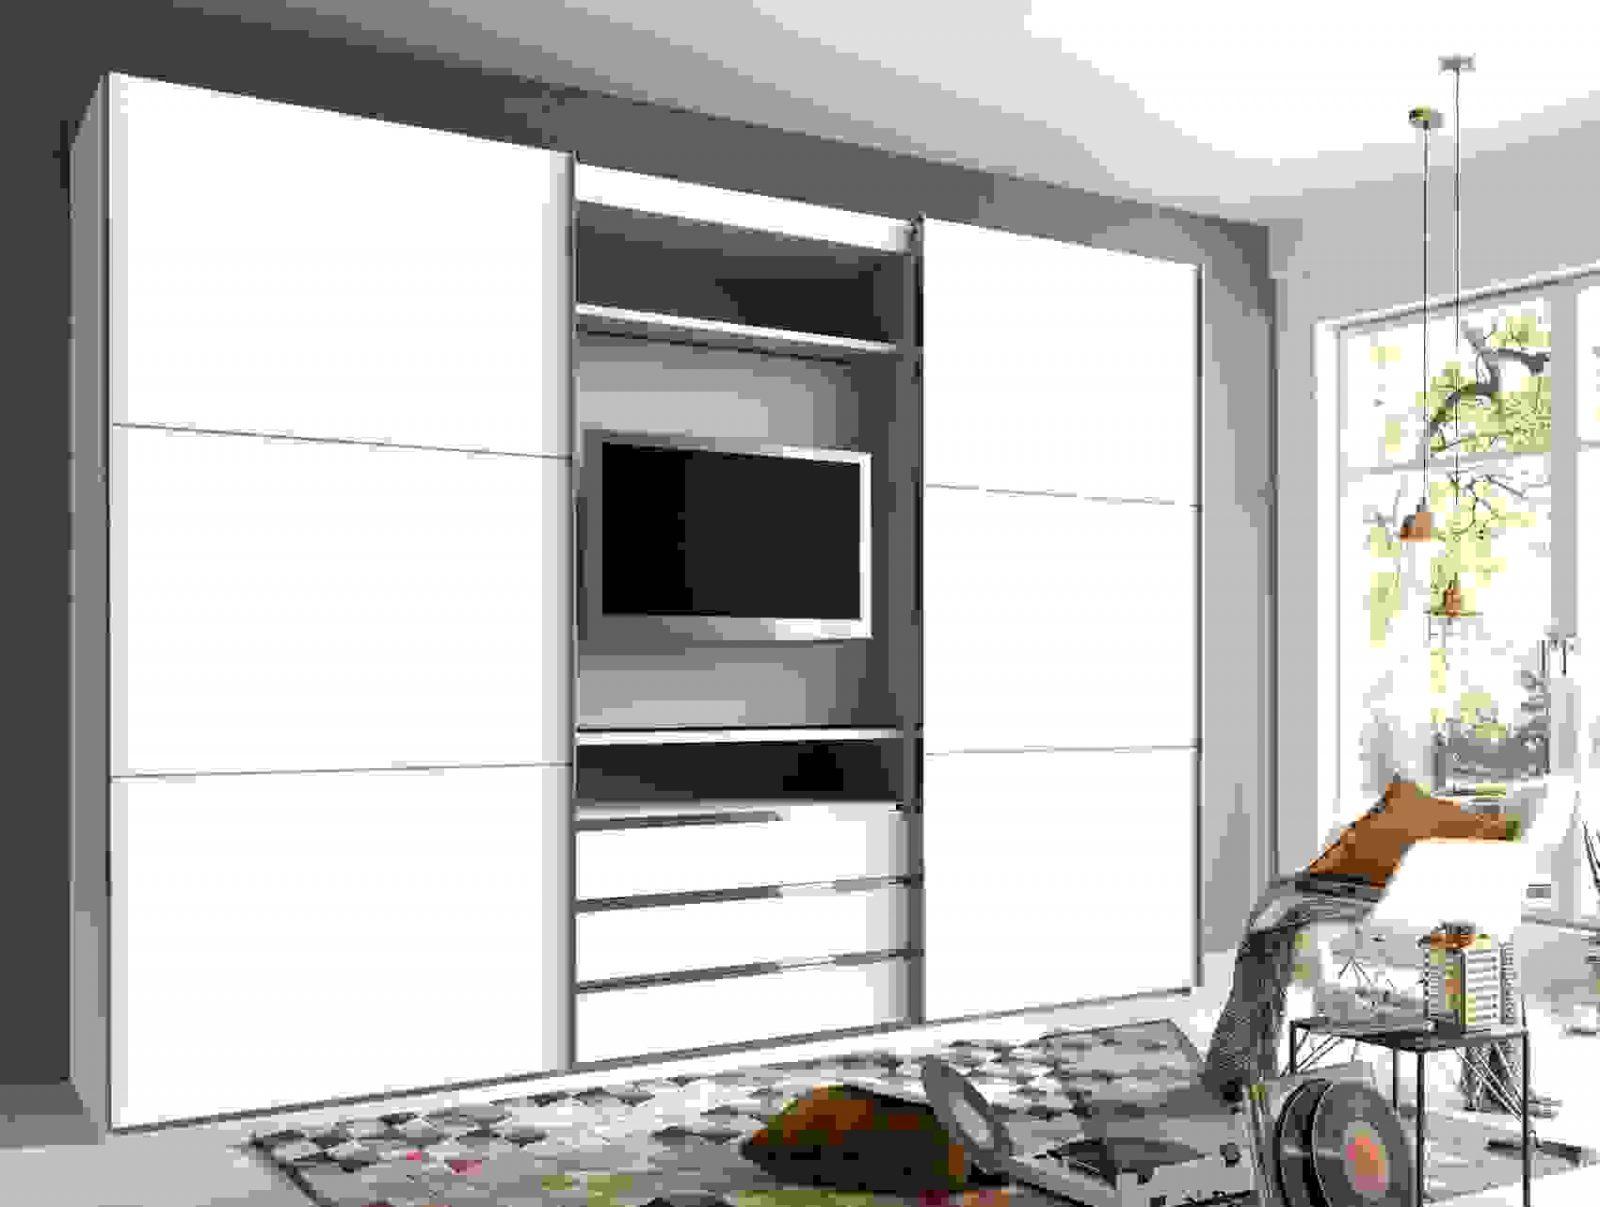 35 Inspiration Kleiderschrank Mit Tv Fach Designideen  Gartenmöbel von Schrank Mit Tv Fach Bild